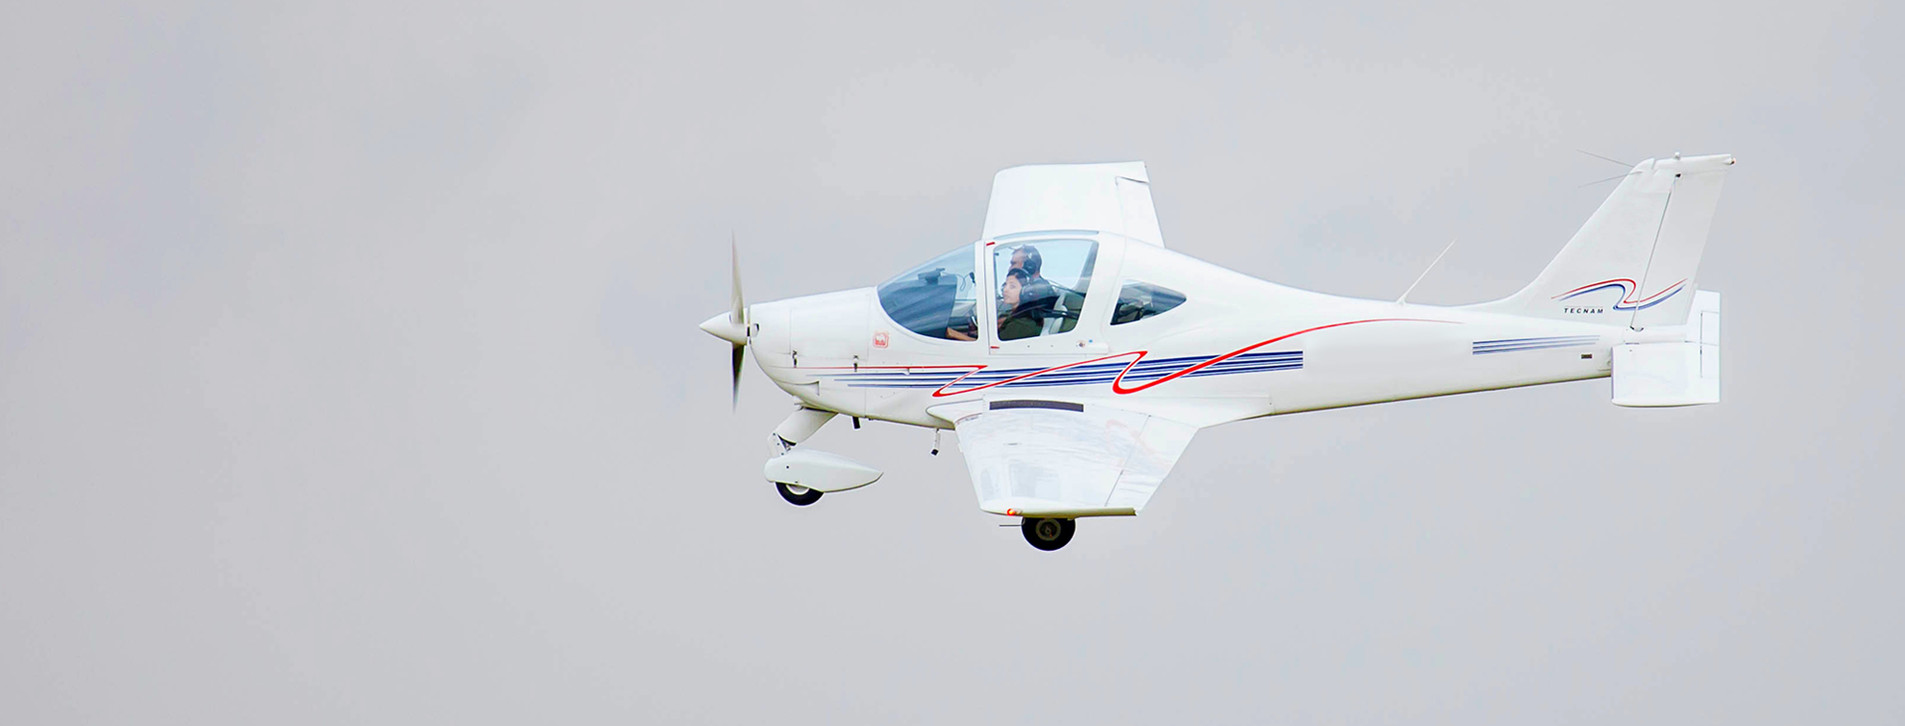 Фото - Затяжной учебный полет на самолете